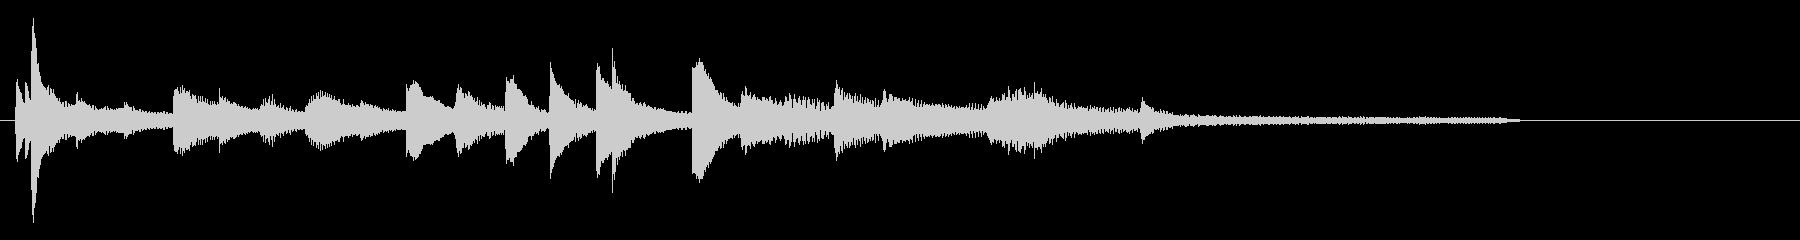 しっとりピアノジングル、サウンドロゴの未再生の波形